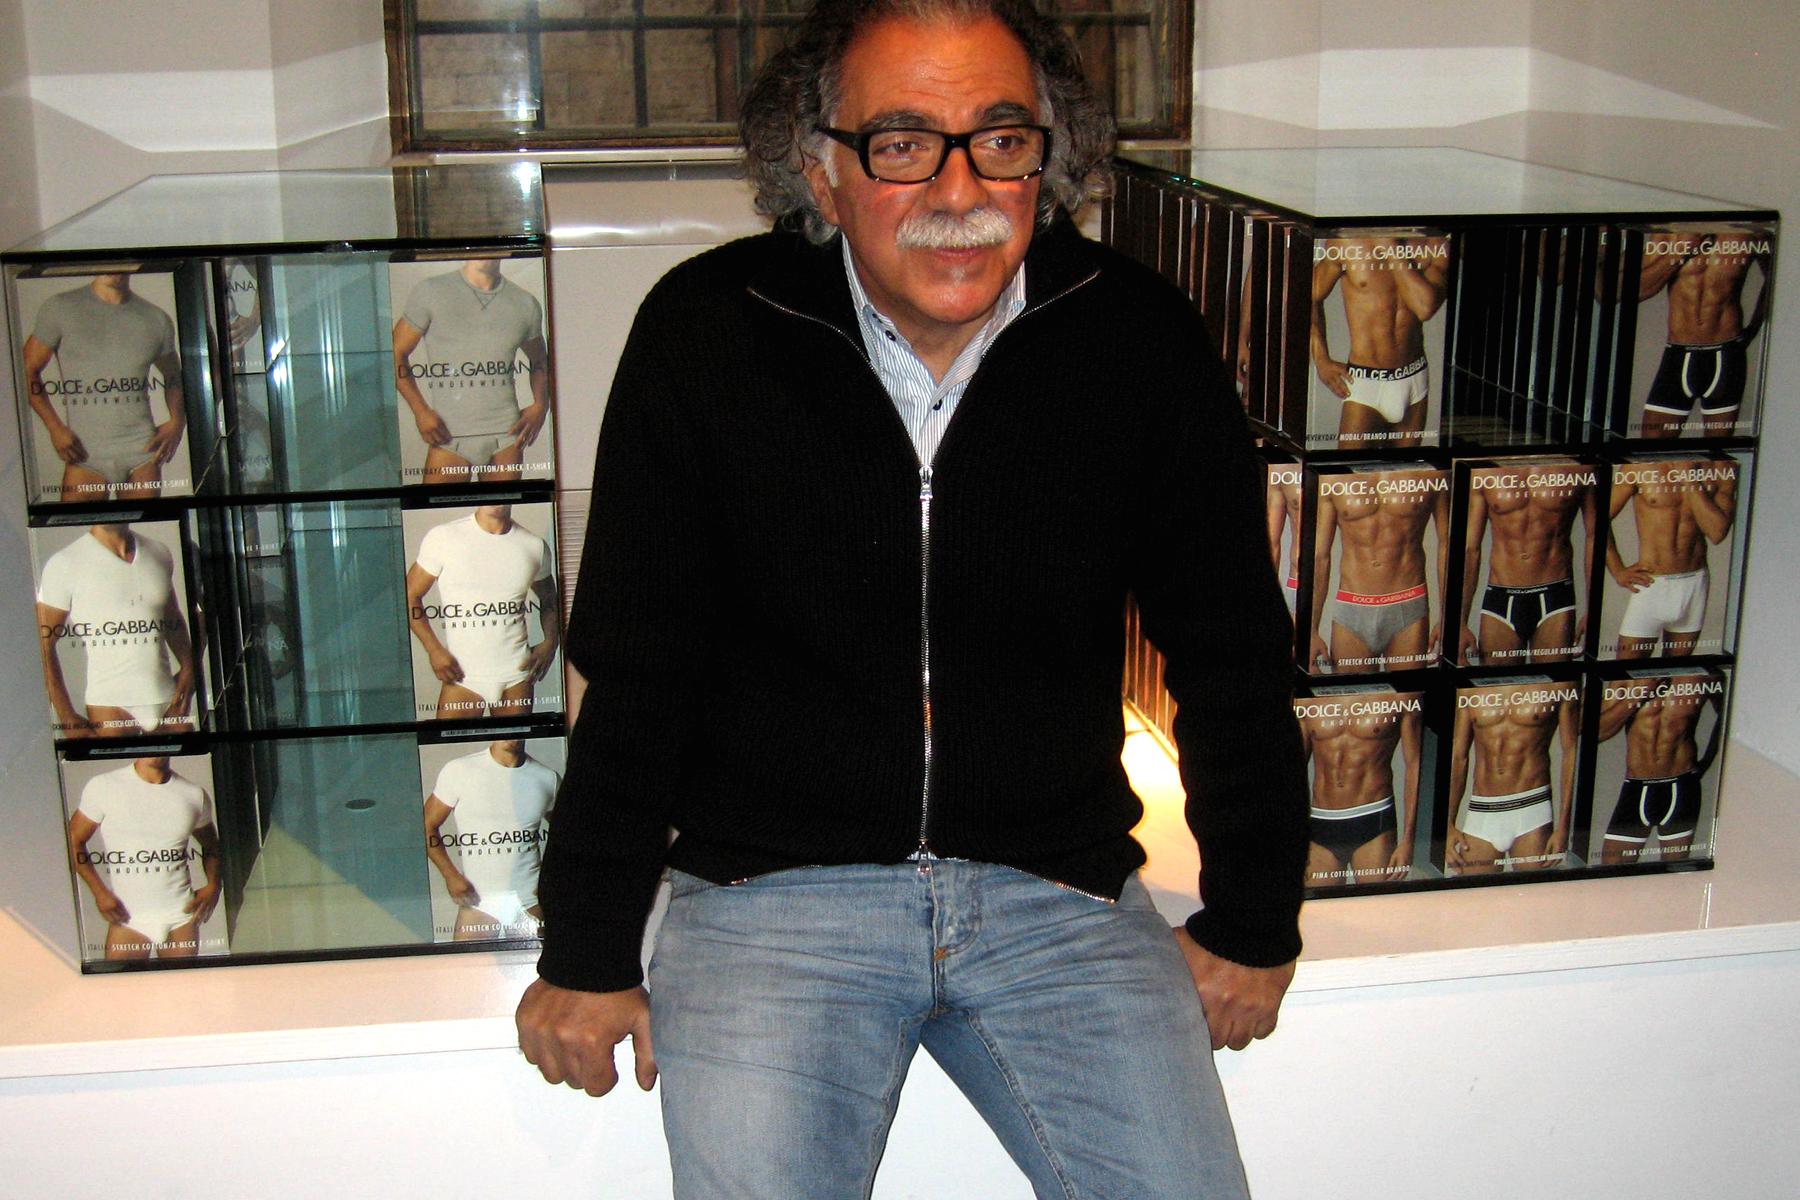 Gianpaolo Nicolia and his $100 briefs.